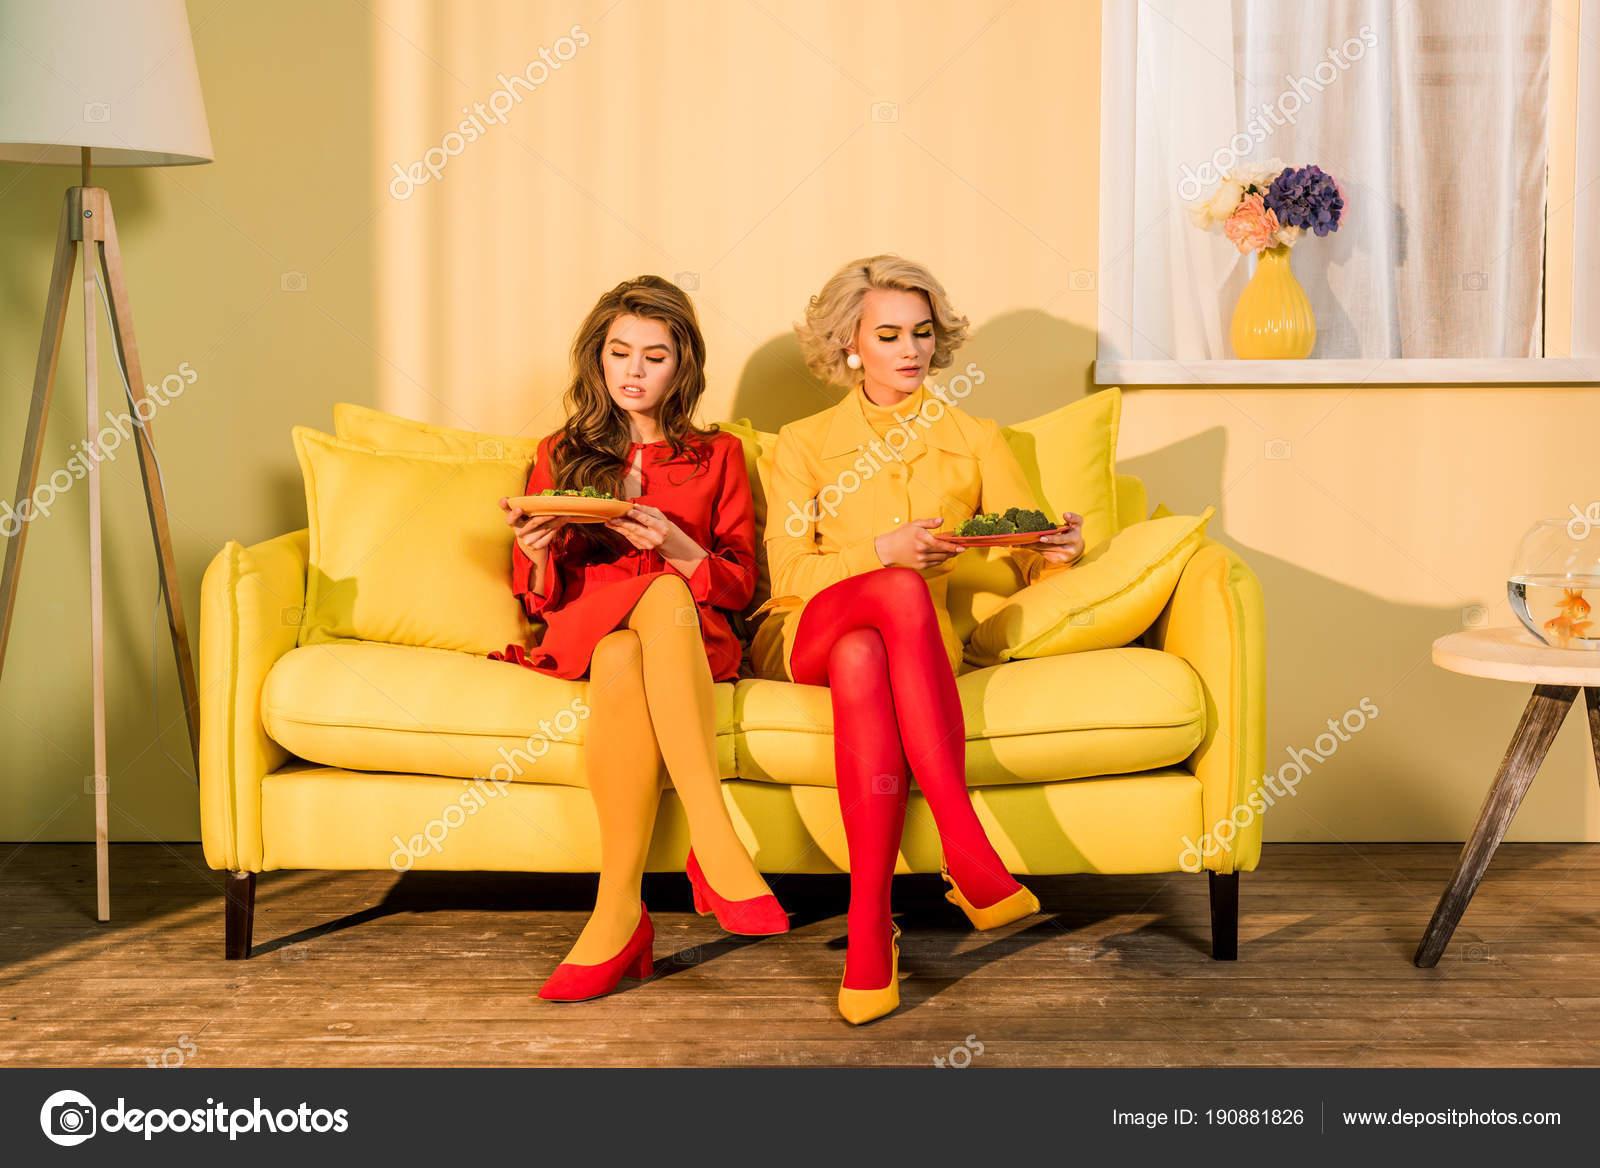 Mulheres Bonitas Roupas Retrô Com Legumes Placas Sentado Sofá Amarelo U2014  Fotografia De Stock